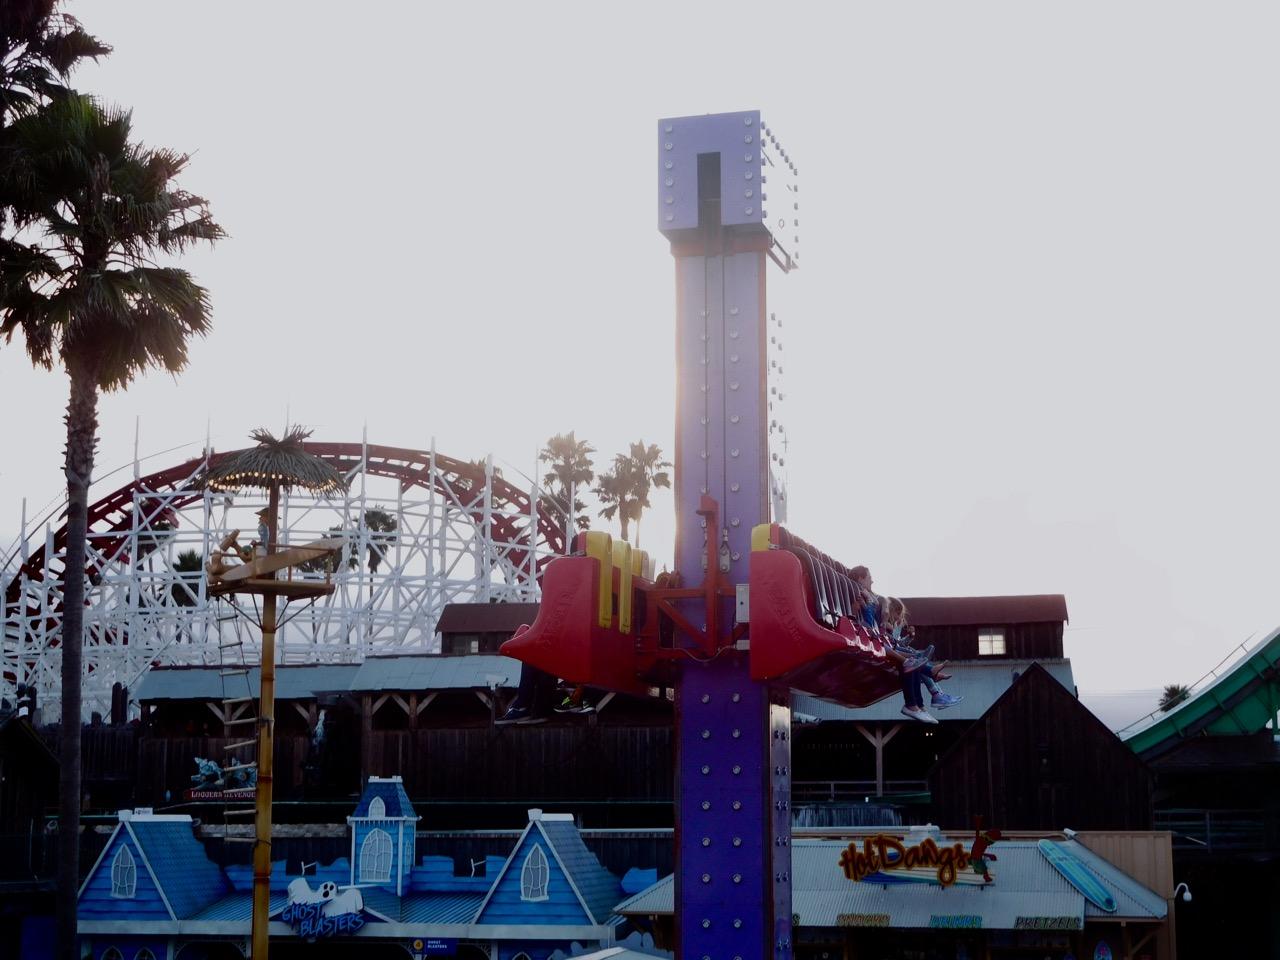 Quelques jours à Santa Cruz - Parc d'attraction au bord de la plage [02]